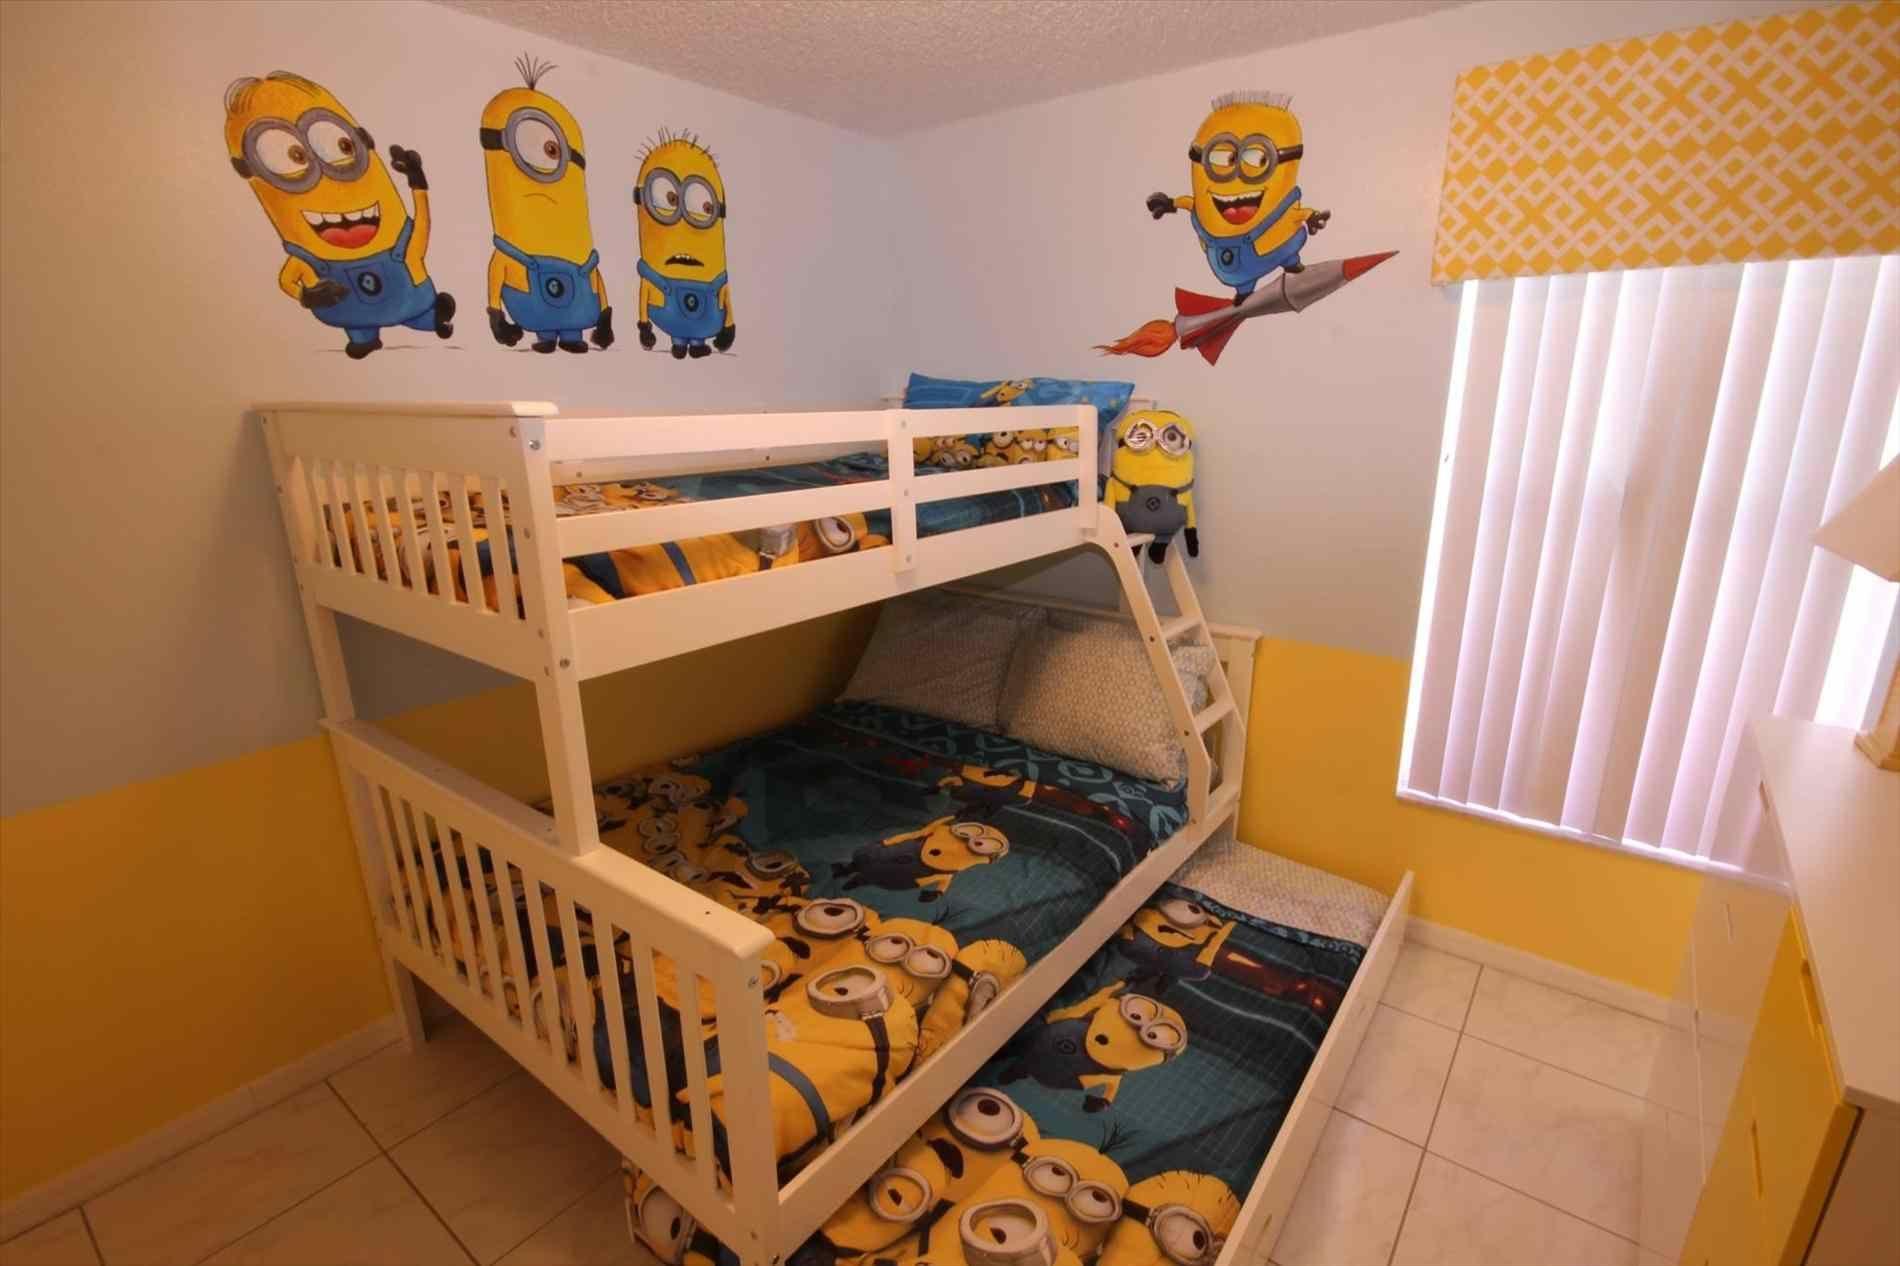 Minion Bedroom Decor Minion Bedroom Decor Batman Bedroom Decor